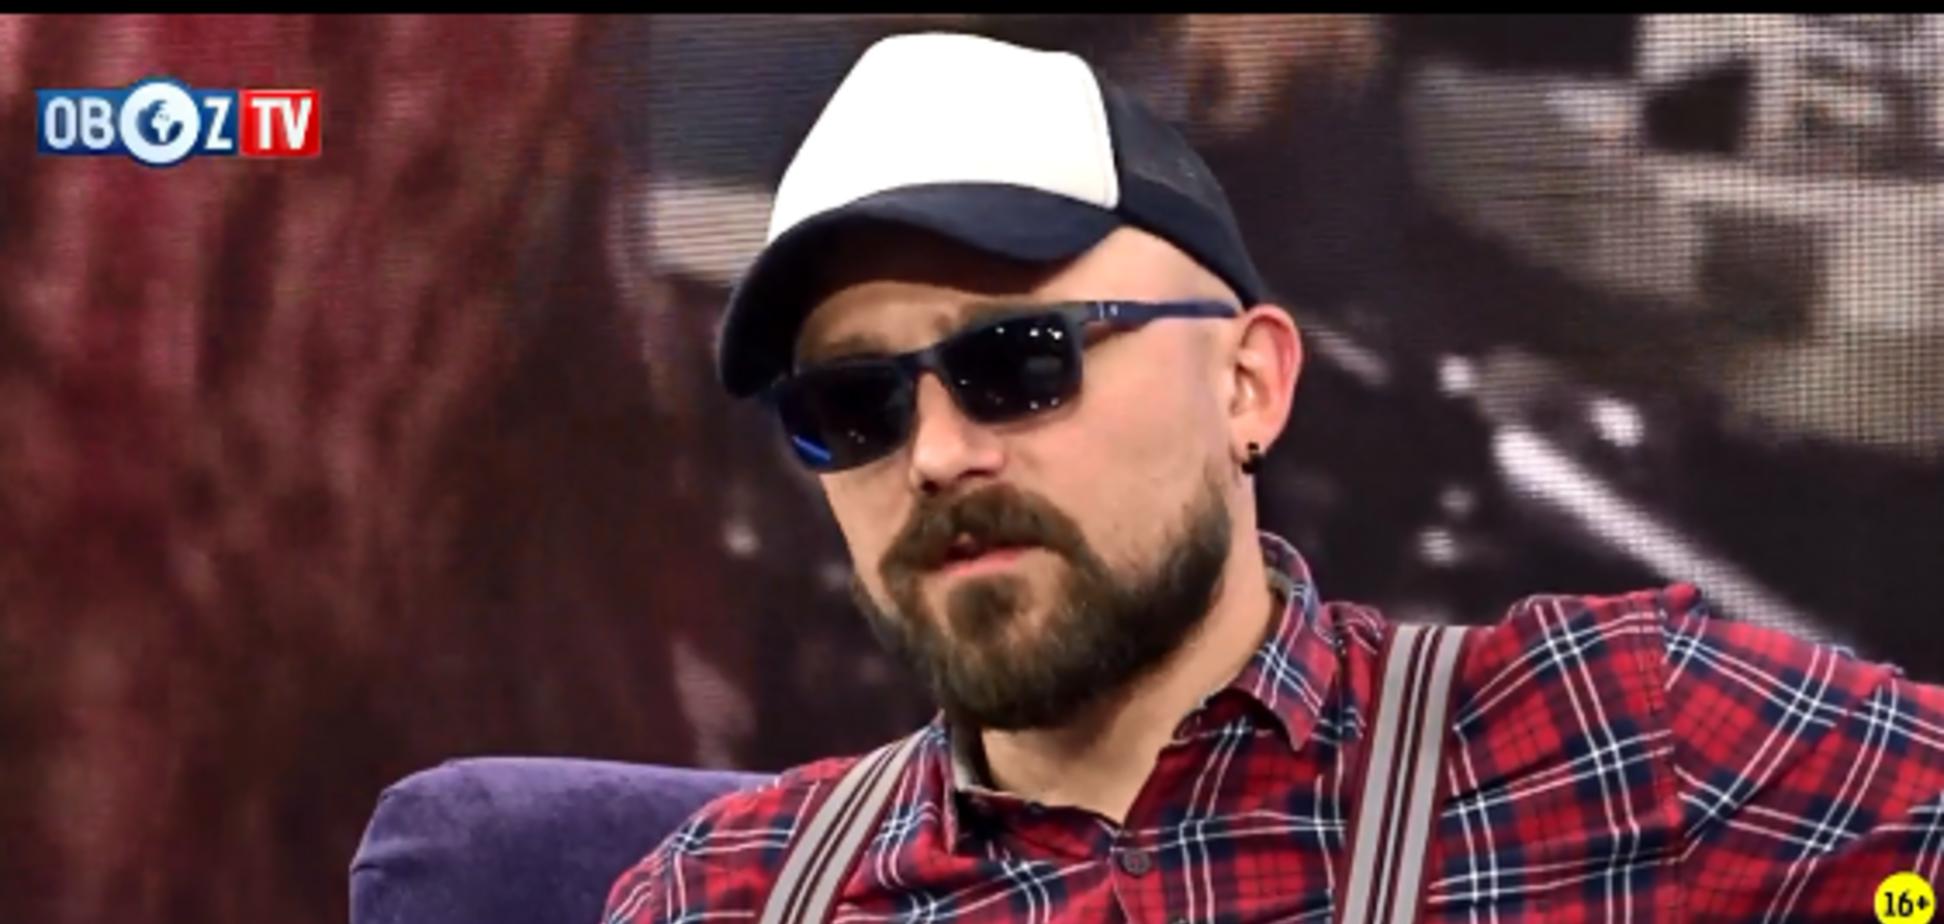 'Можем им помочь': певец рассказал, как Украине поступить с Россией